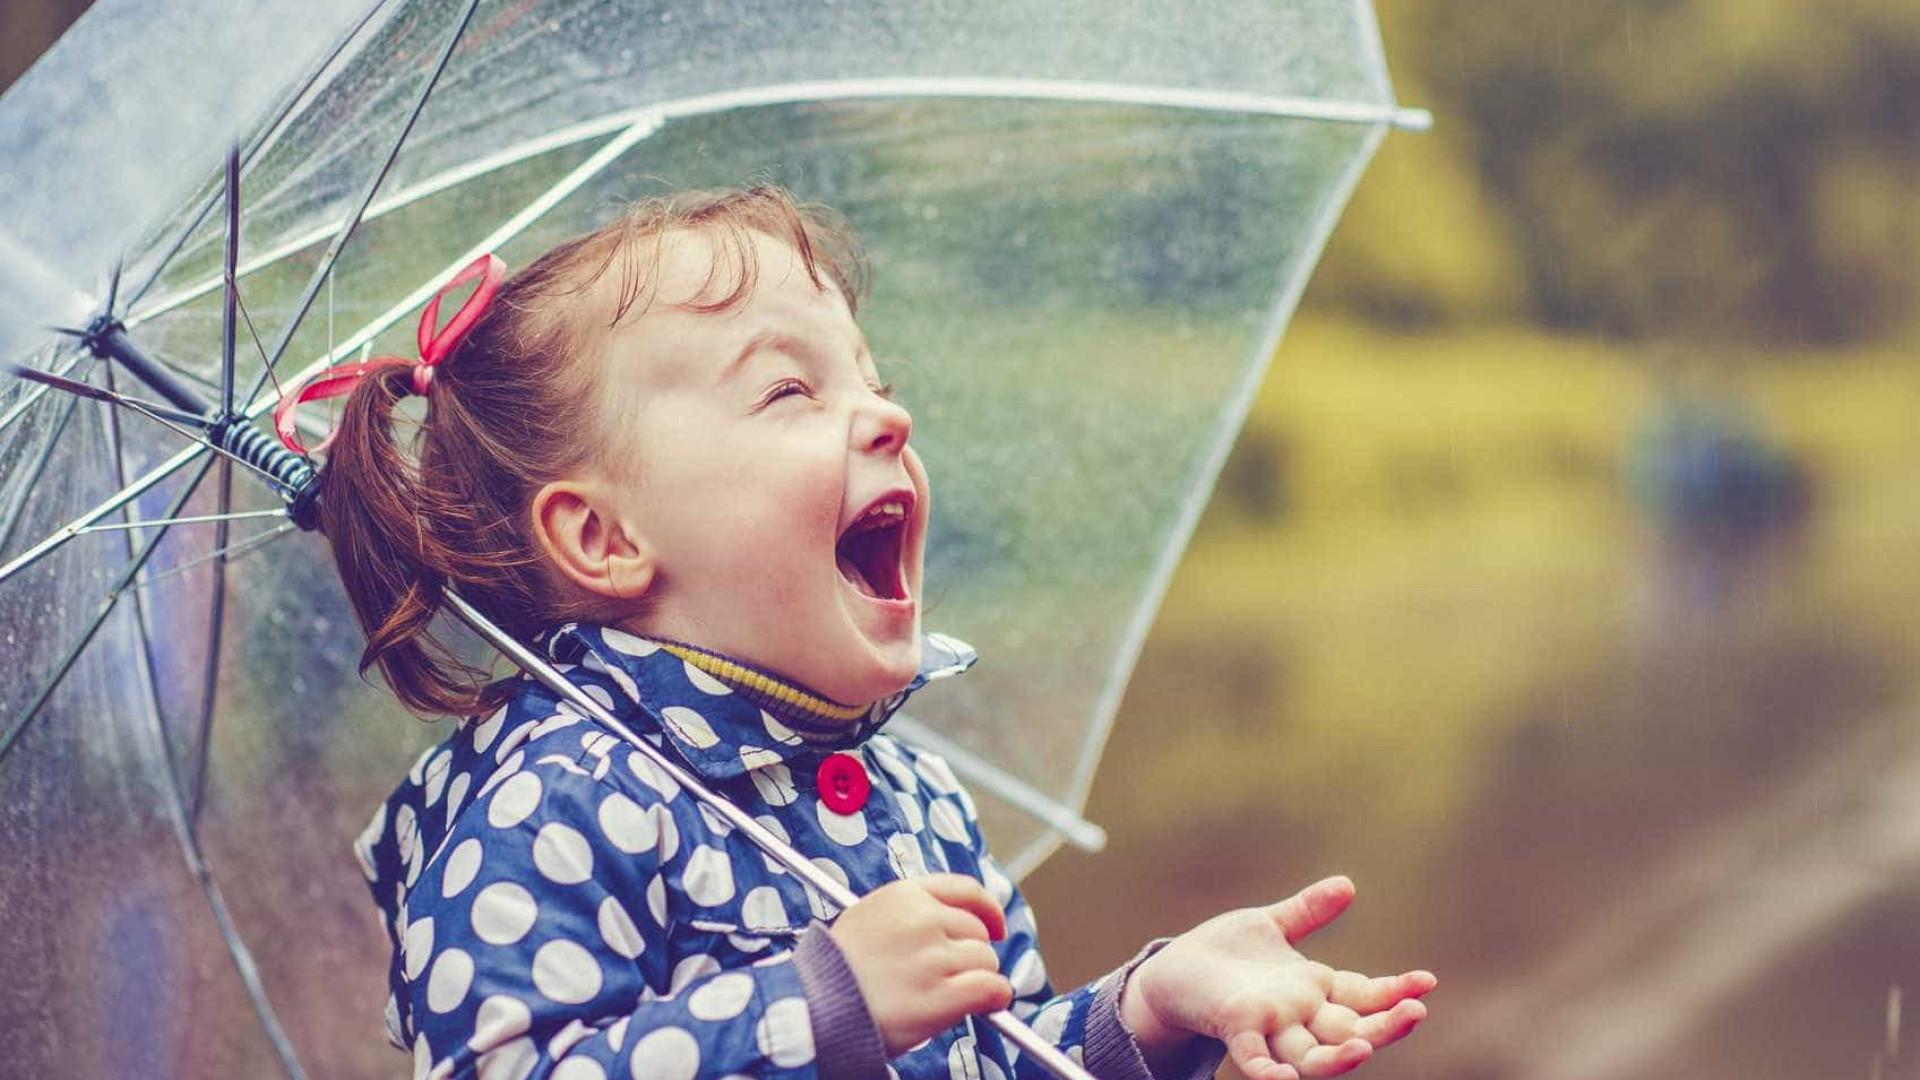 Cinco bons motivos para querer andar à chuva mais vezes